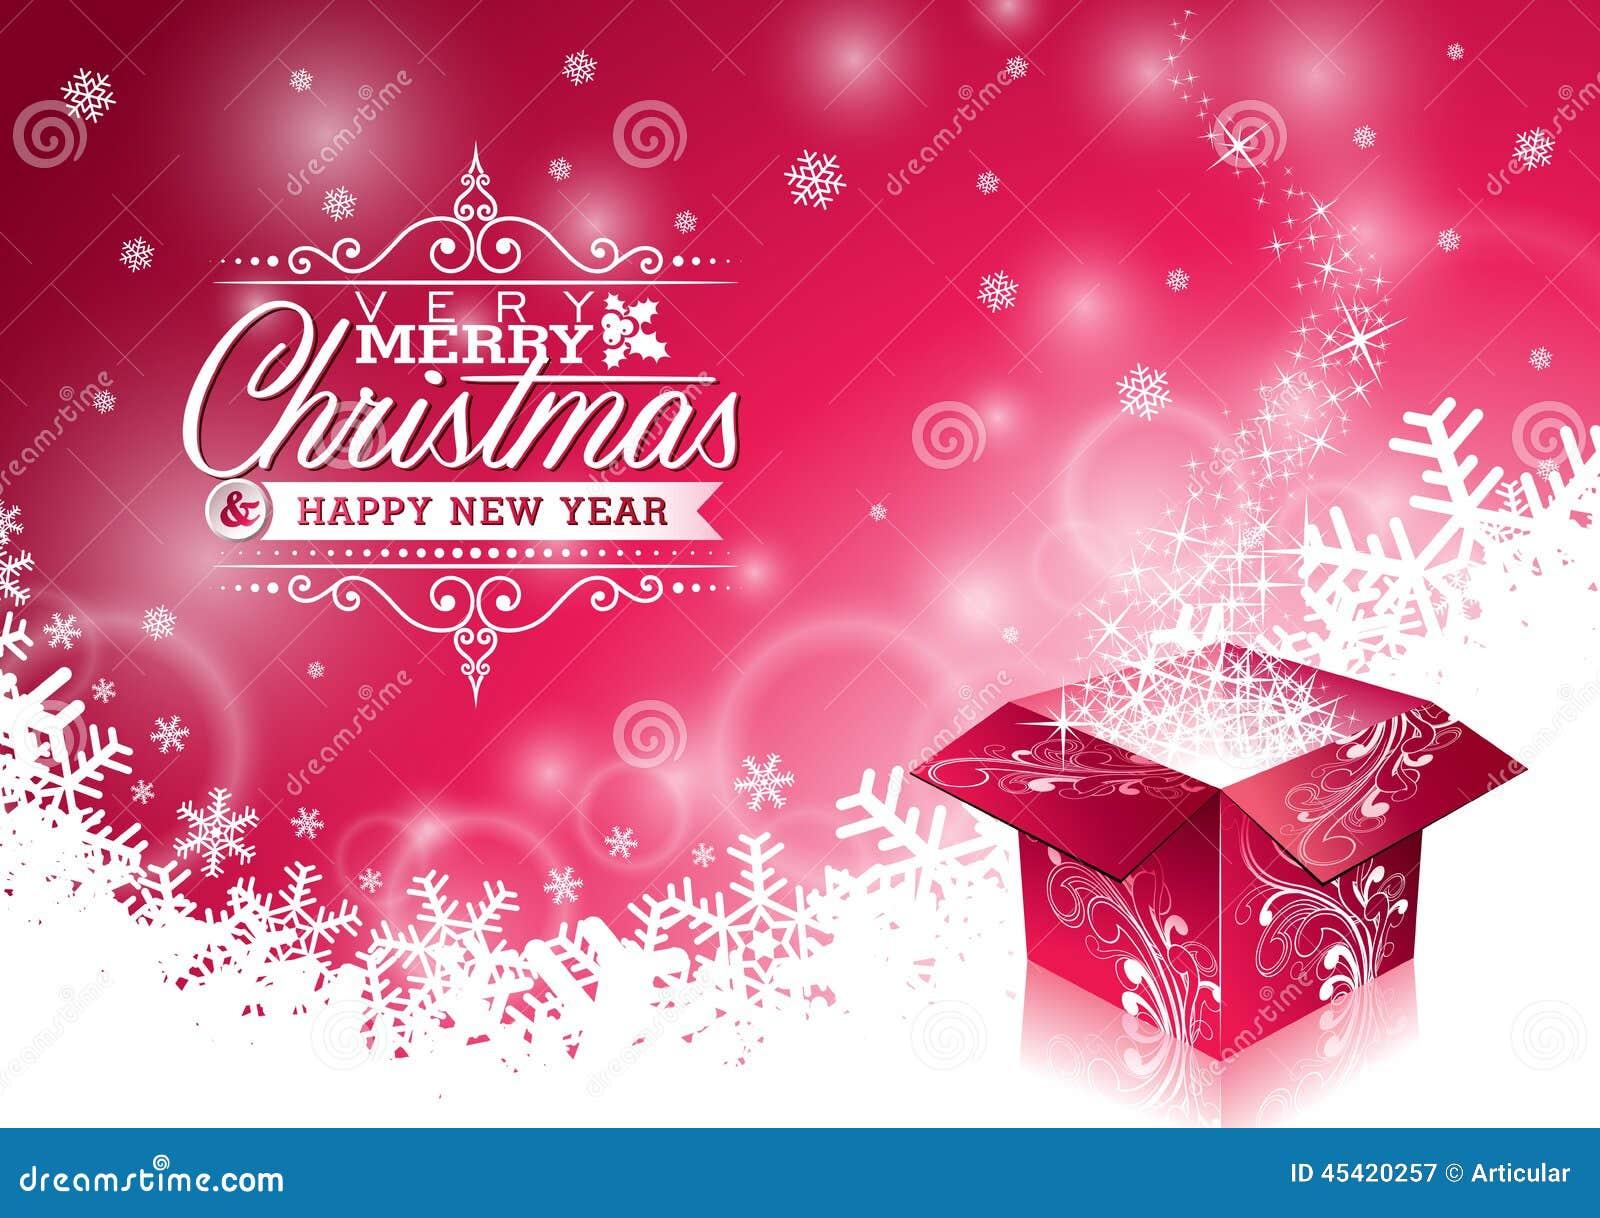 Vector a ilustração do Natal com projeto tipográfico e a caixa de presente mágica brilhante no fundo dos flocos de neve